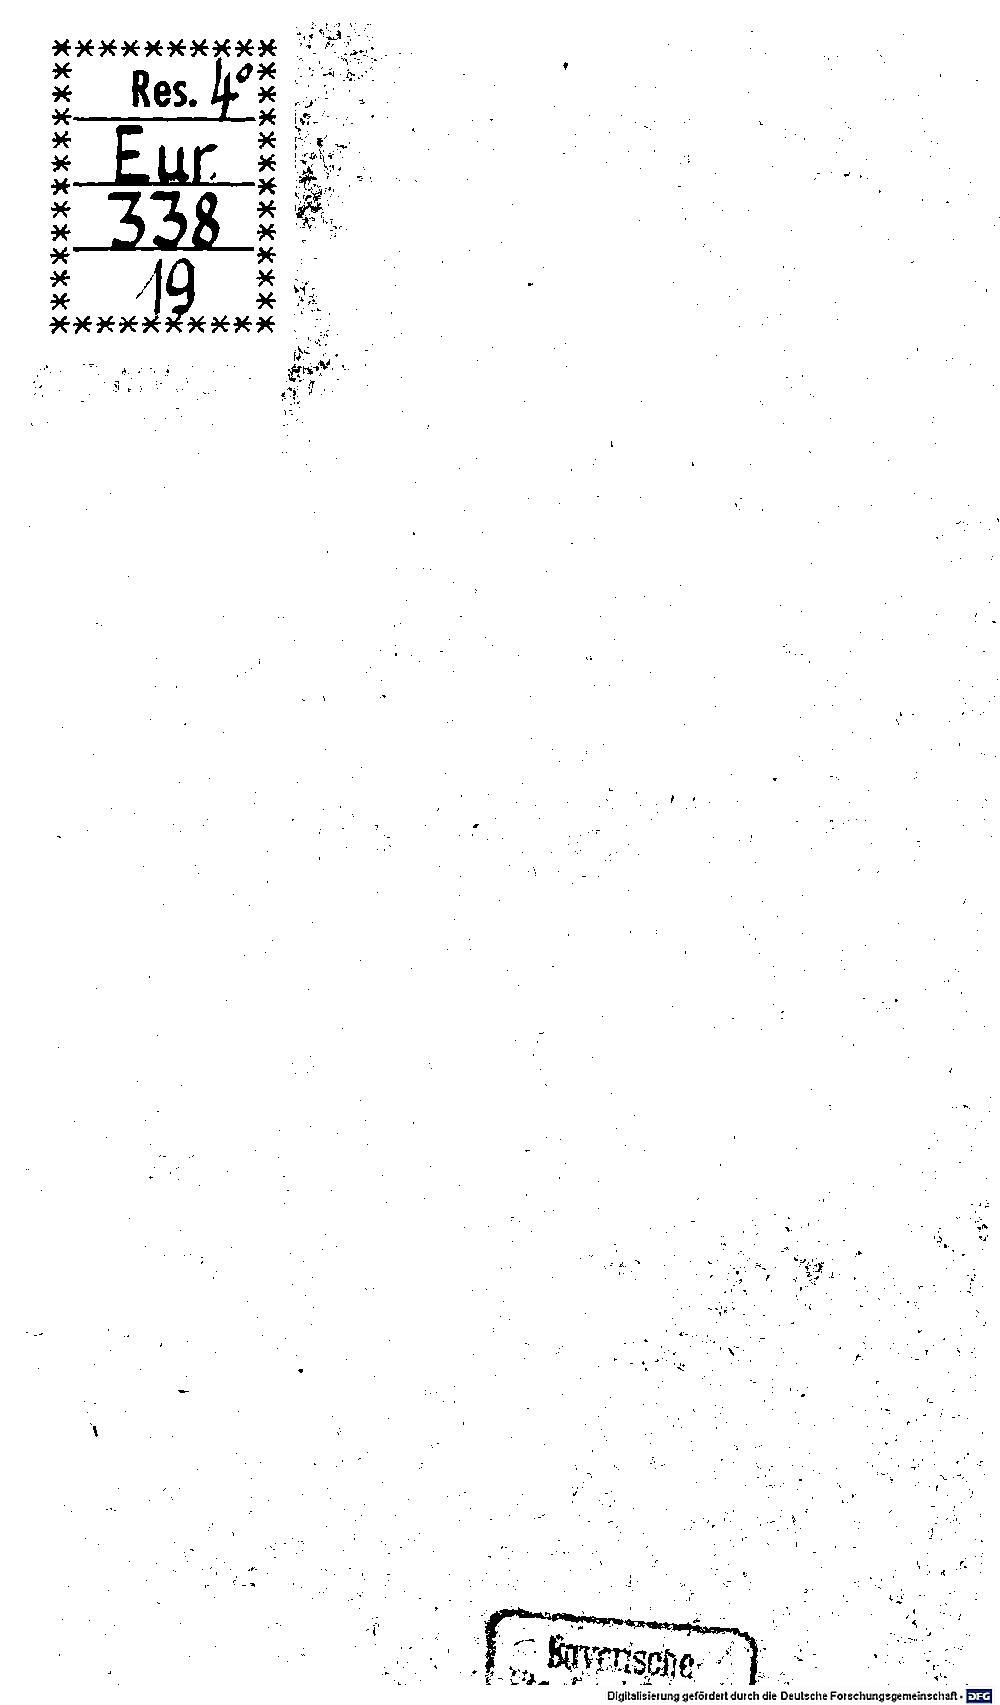 bsb00012005_00001.jpg